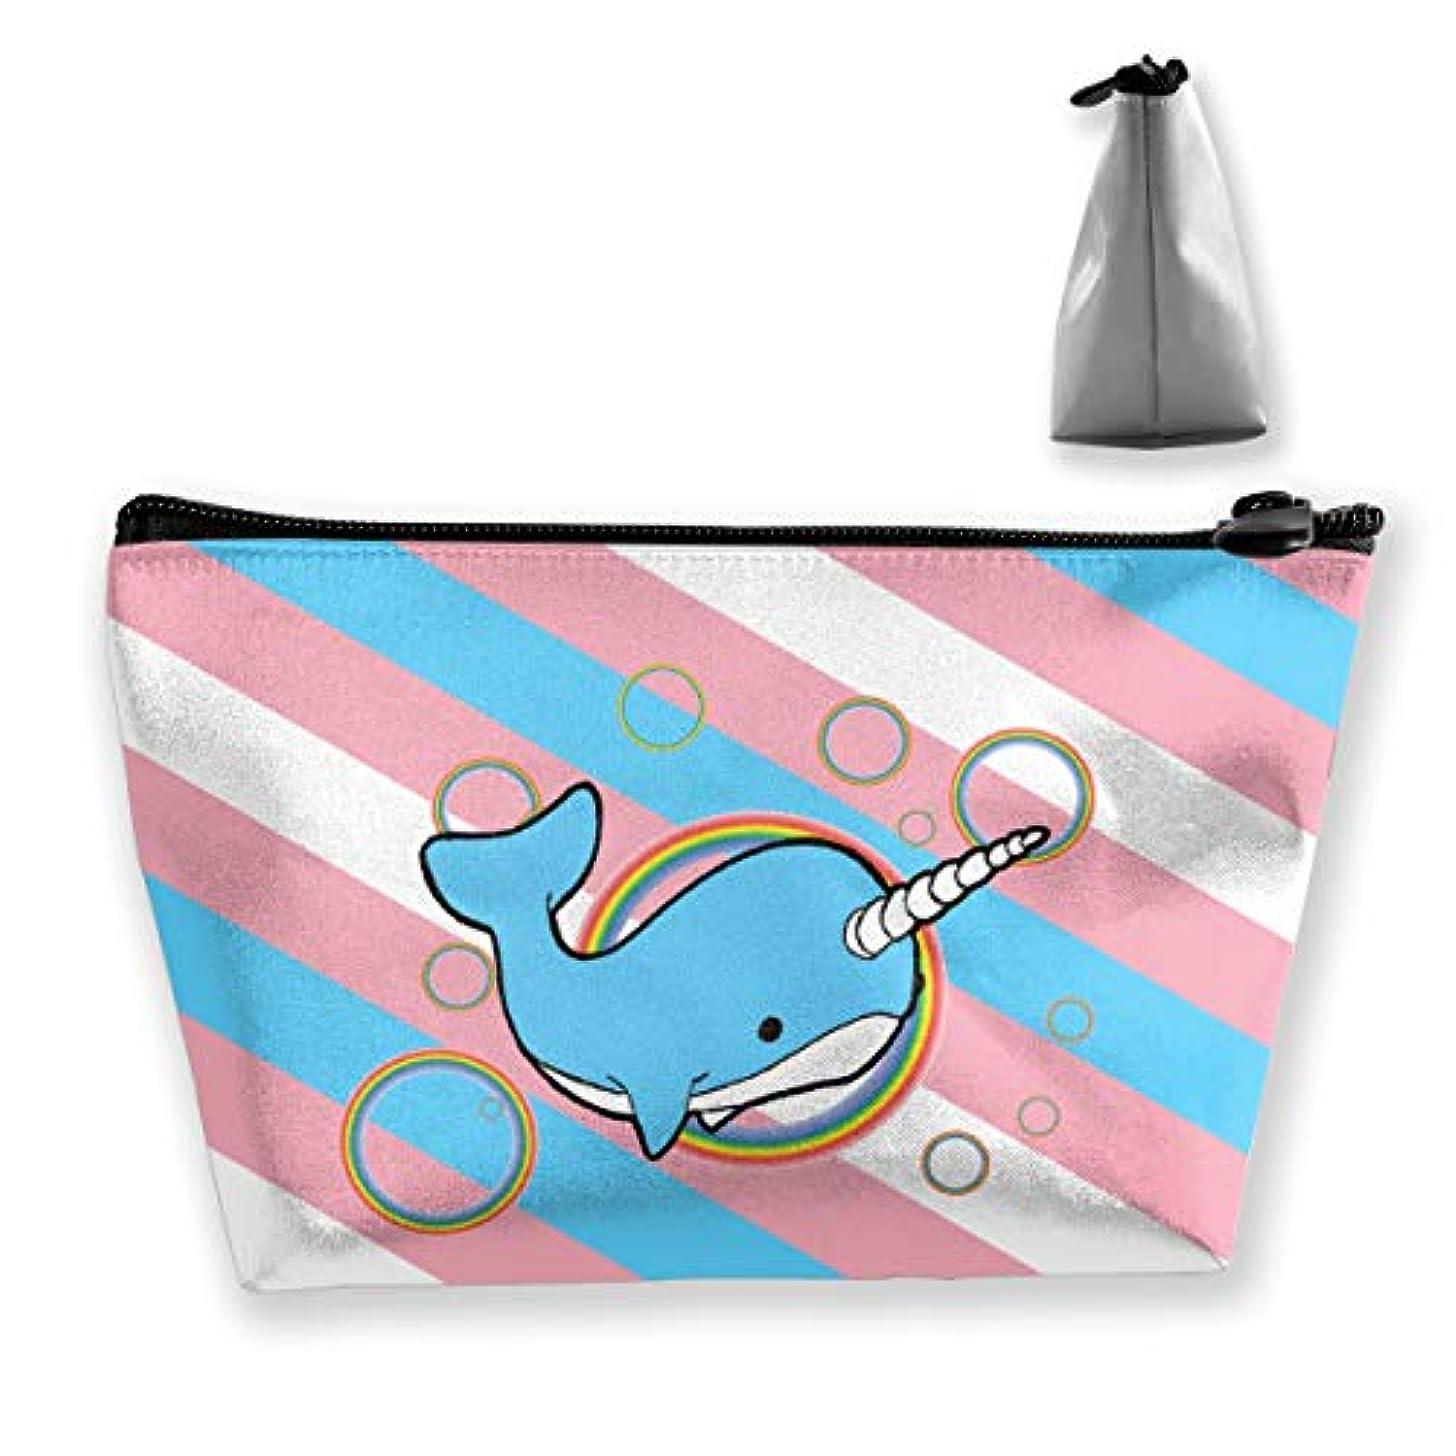 手入れ抽出忘れっぽいSzsgqkj アメリカの旗星と縞模様のトランスジェンダーの旗 イッカクラウンドカラフルなバブル 化粧品袋の携帯用旅行構造の袋の洗面用品の主催者